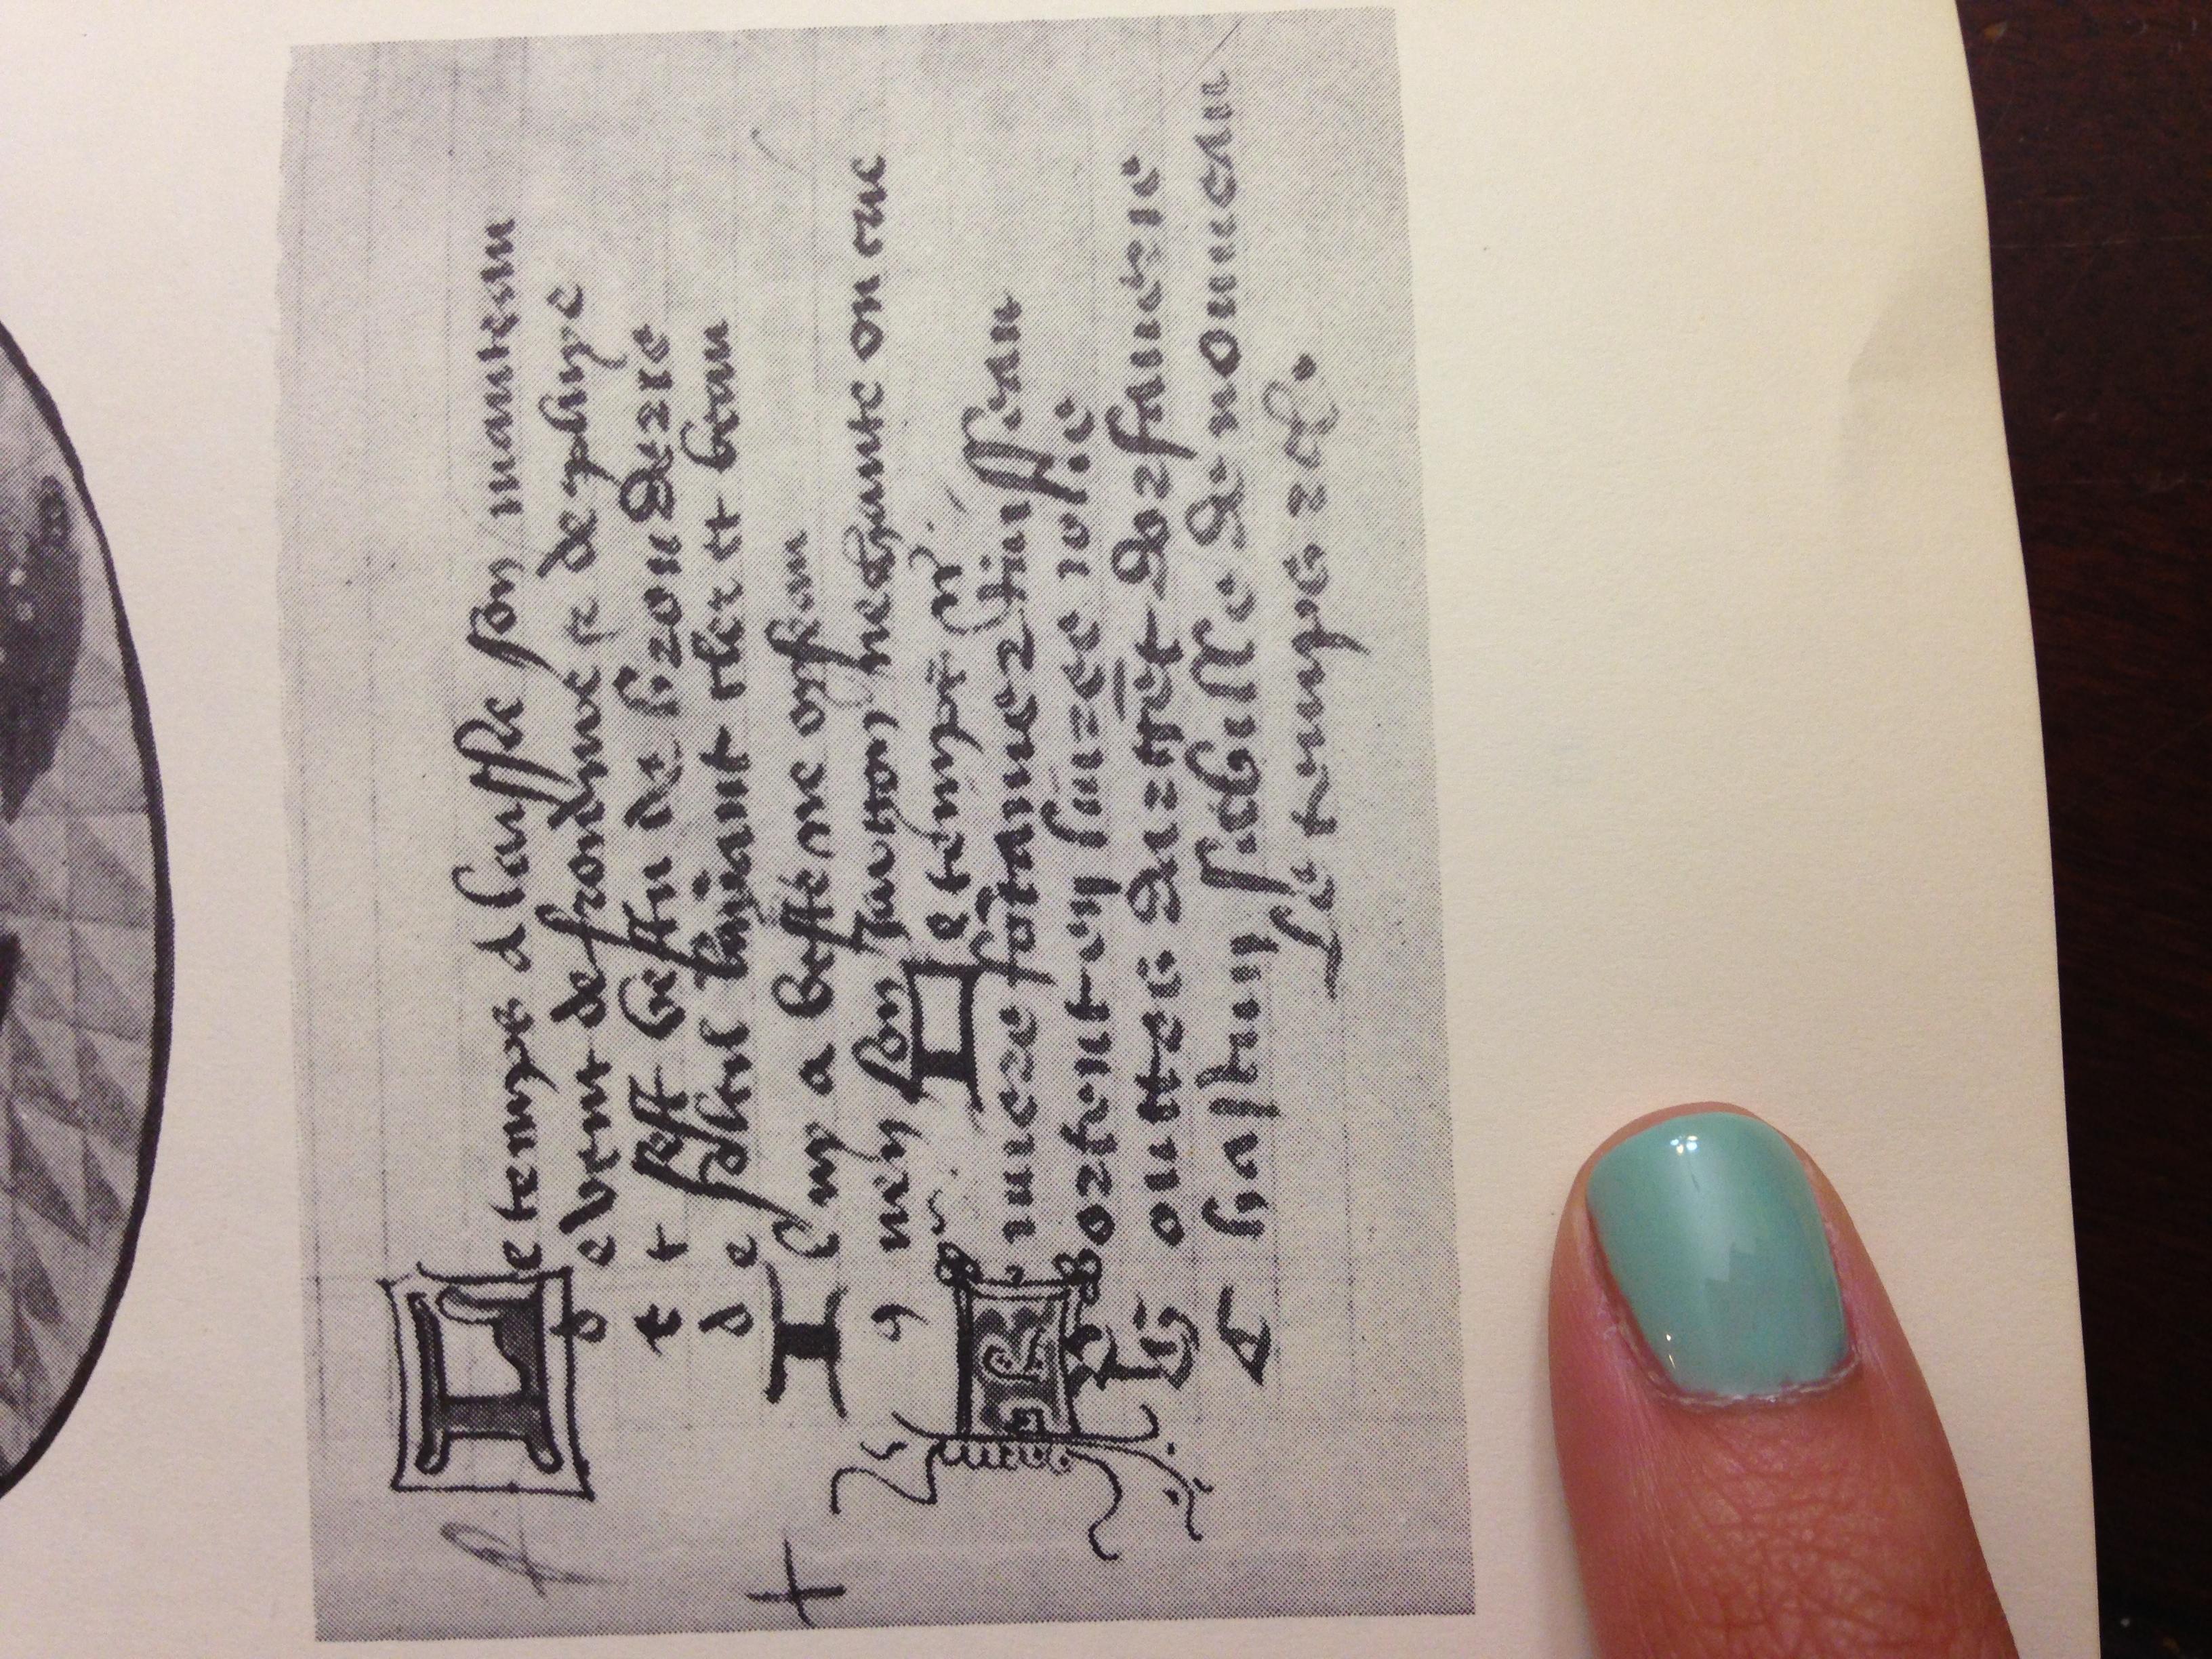 Charles D'orléans Le Temps A Laissé Son Manteau : charles, d'orléans, temps, laissé, manteau, Charles, D'Orleans, Temps, Laissie, Manteau…, Butterfly, Crossing